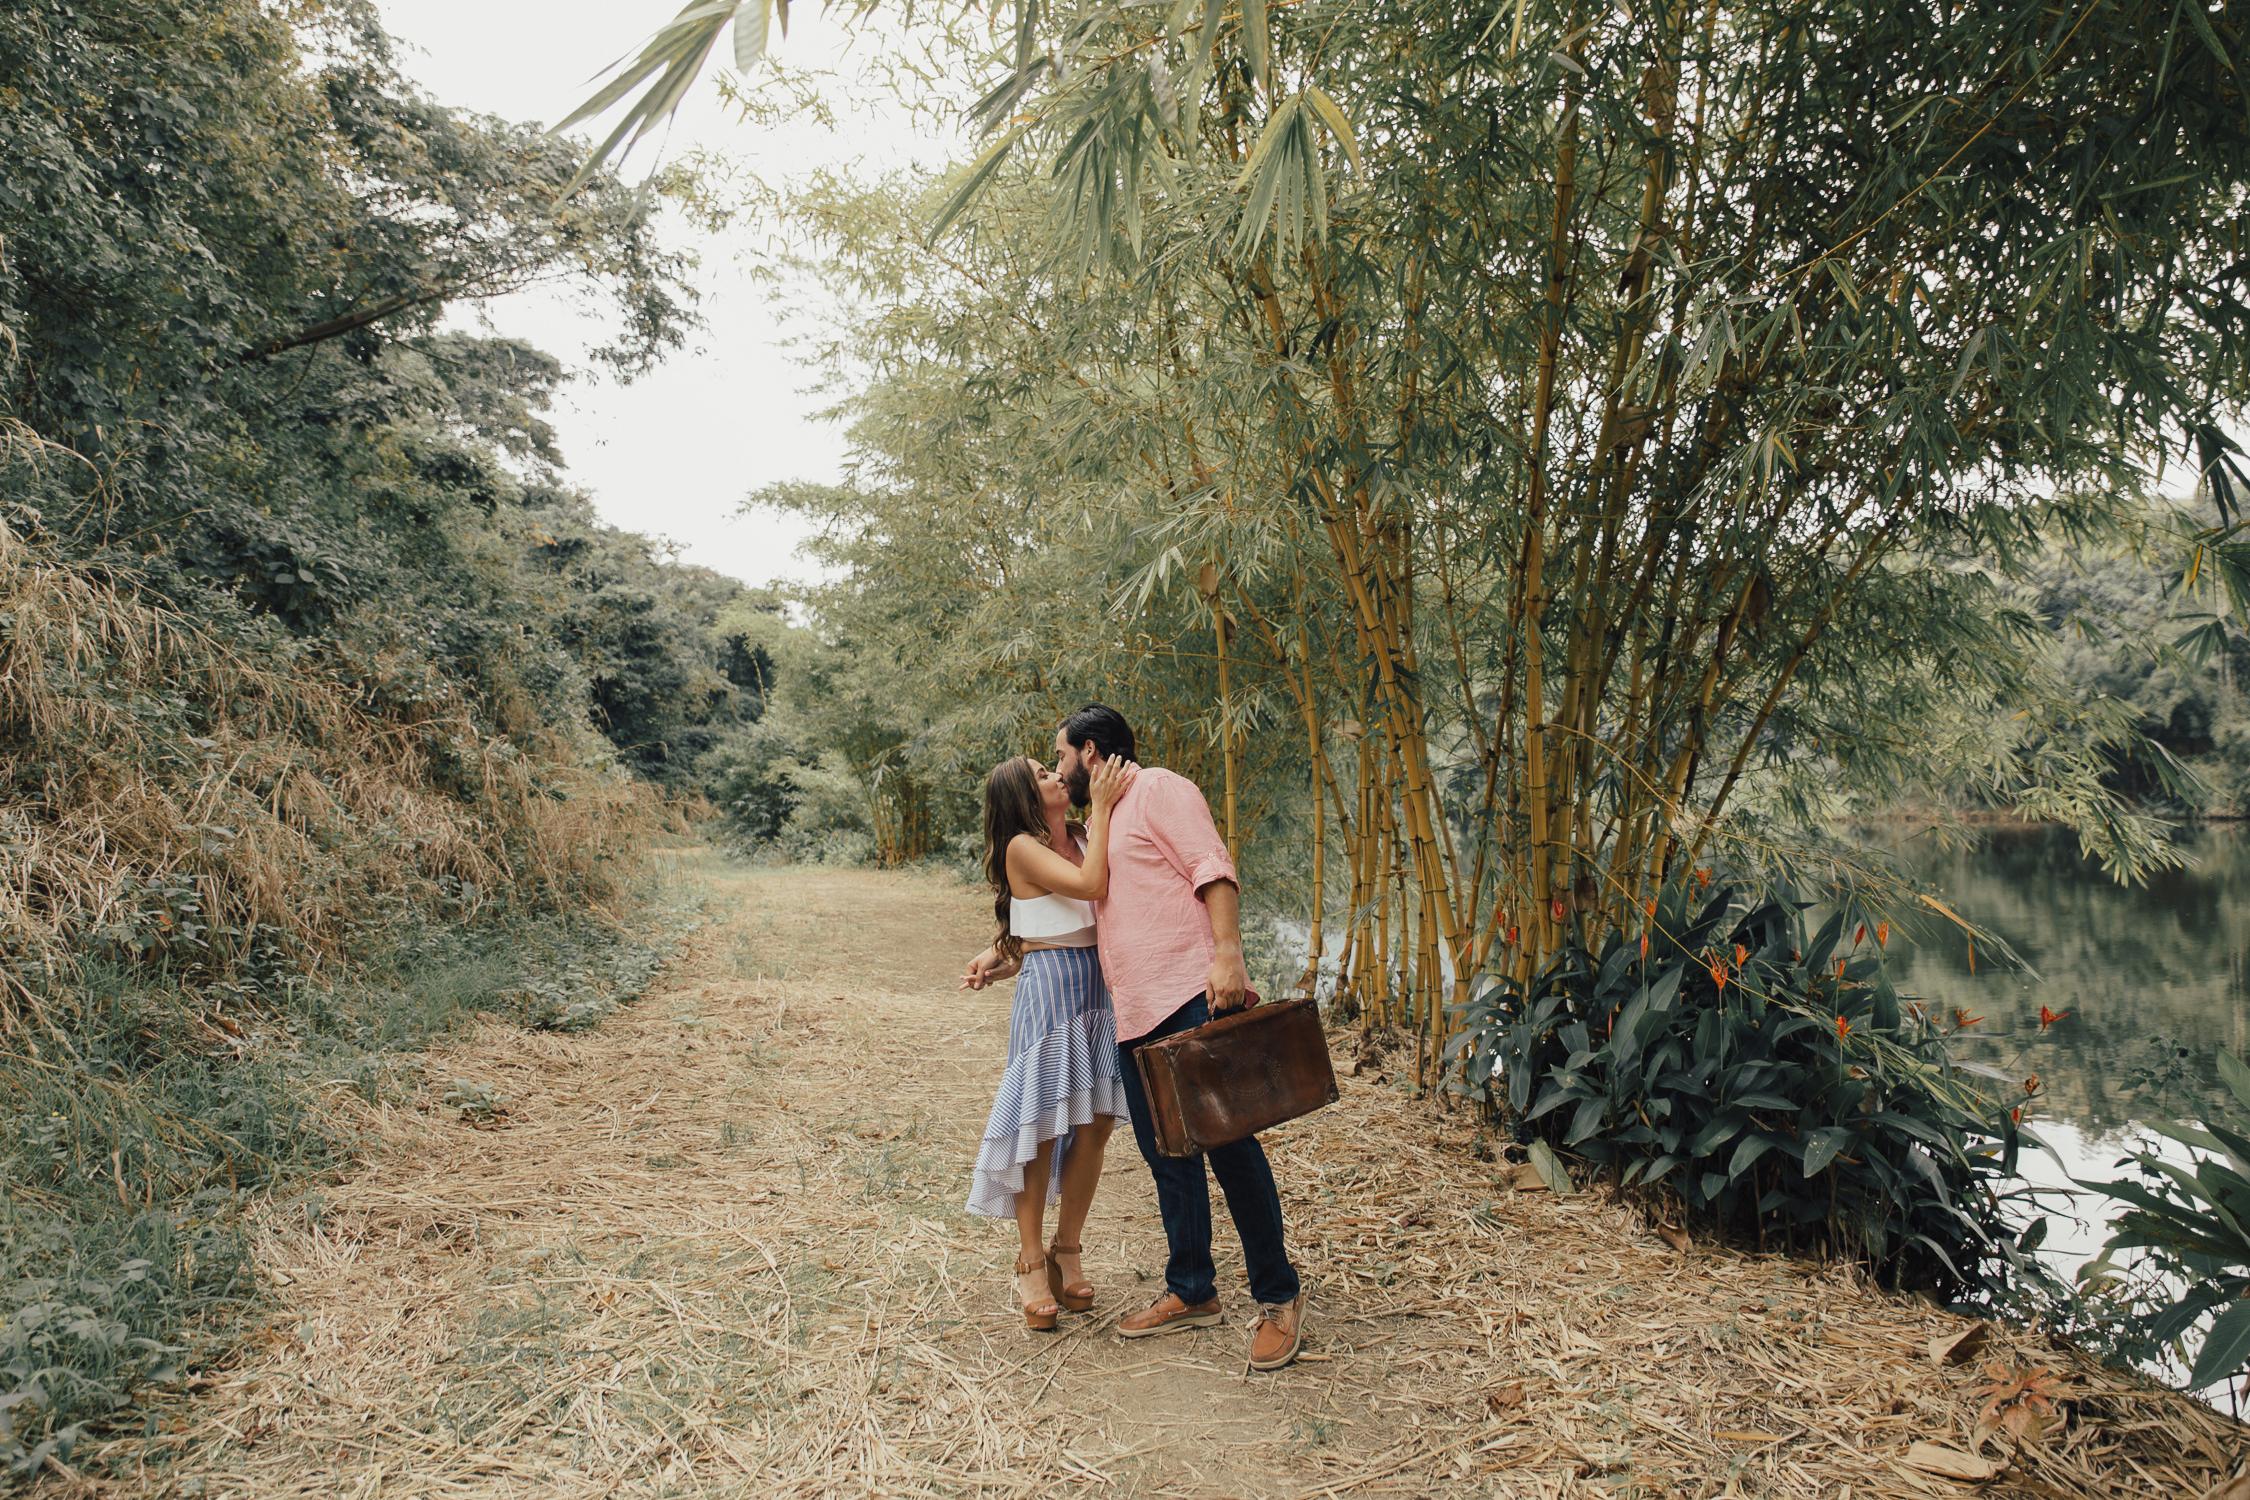 Michelle-Agurto-Fotografia-Bodas-Ecuador-Destination-Wedding-Photographer-Sesion-Maria-Gracia-Bonfy-17.JPG